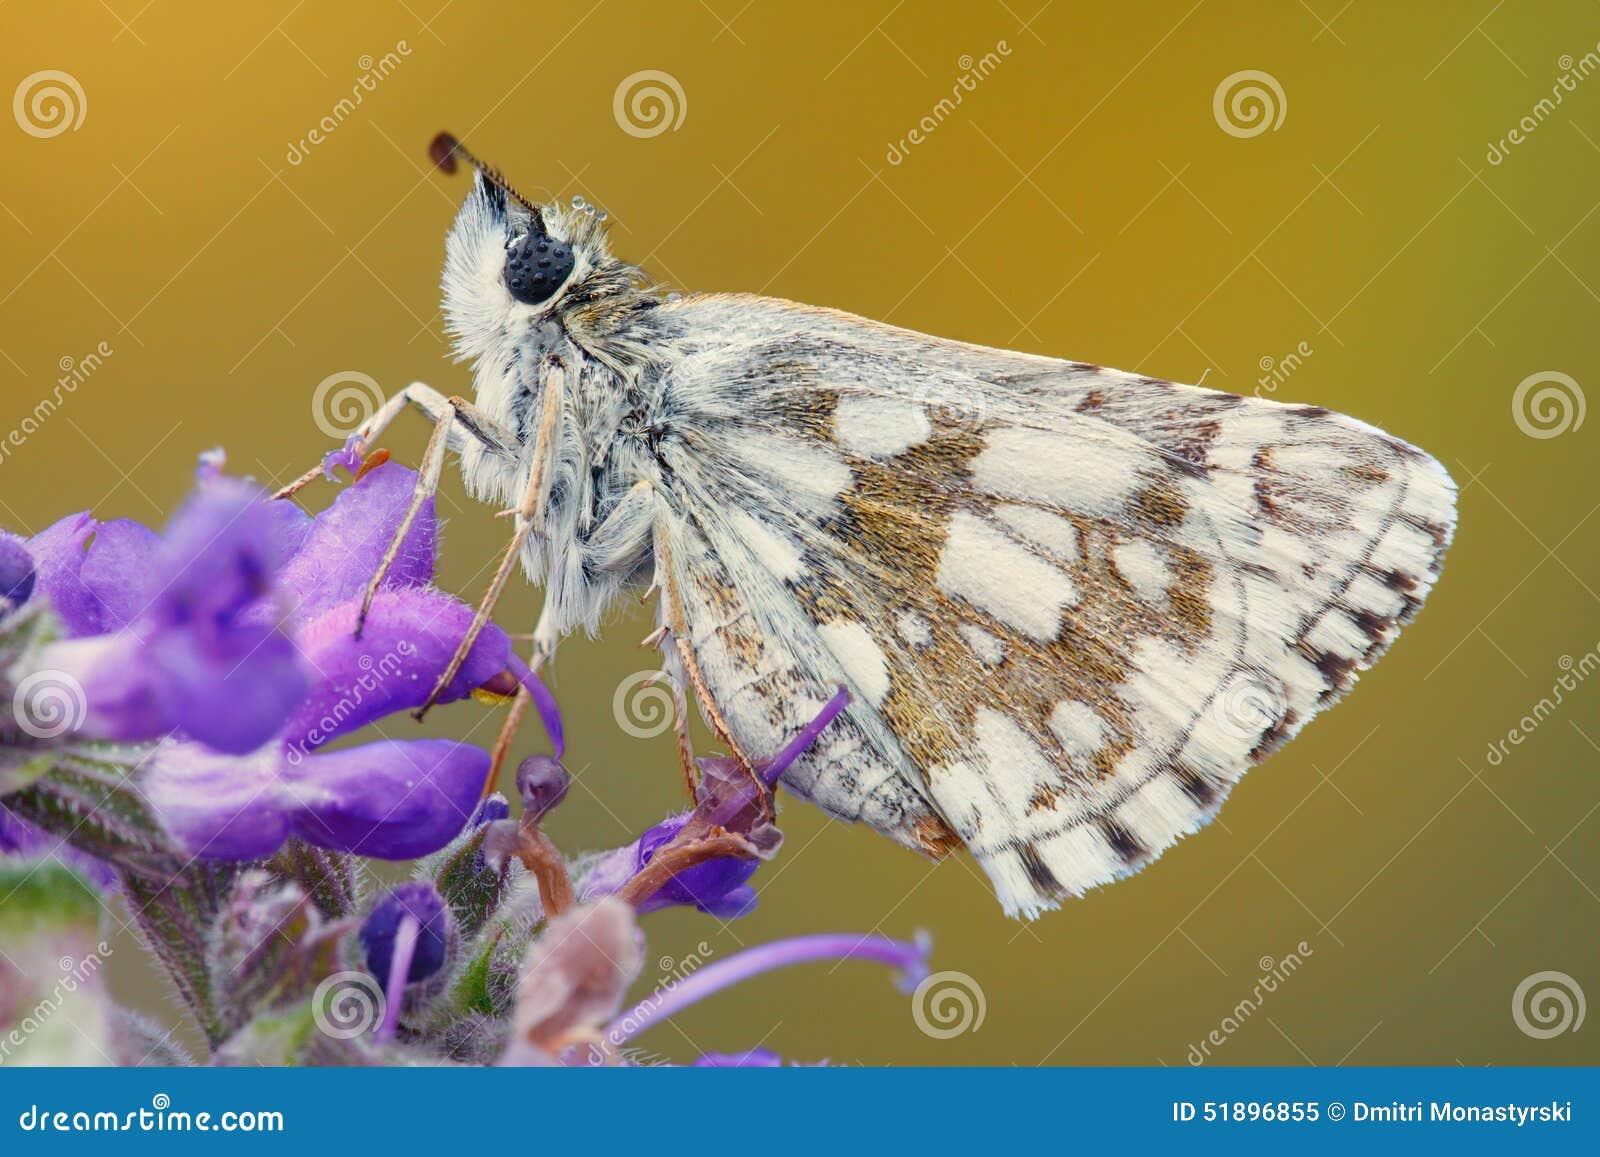 Närbild av en fjäril på en blomma